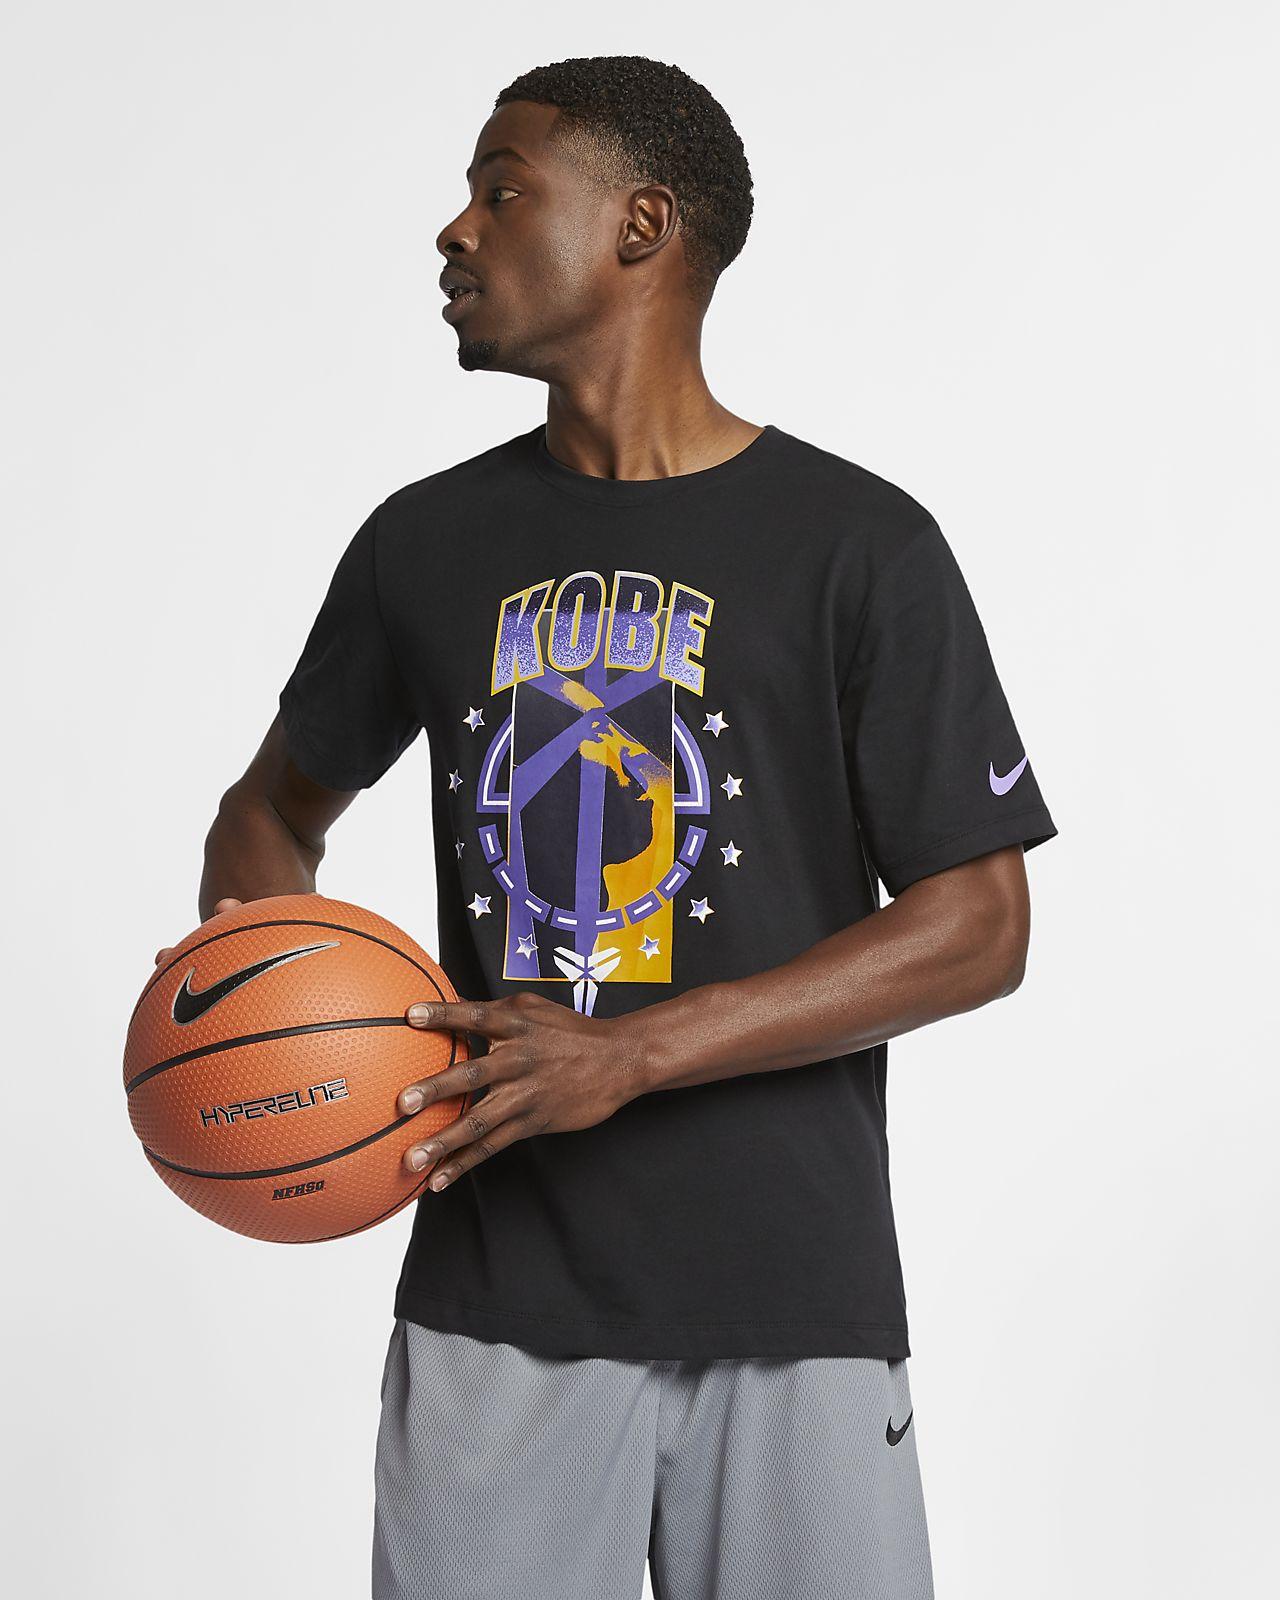 Nike SB Dri-FIT Kobe férfipóló